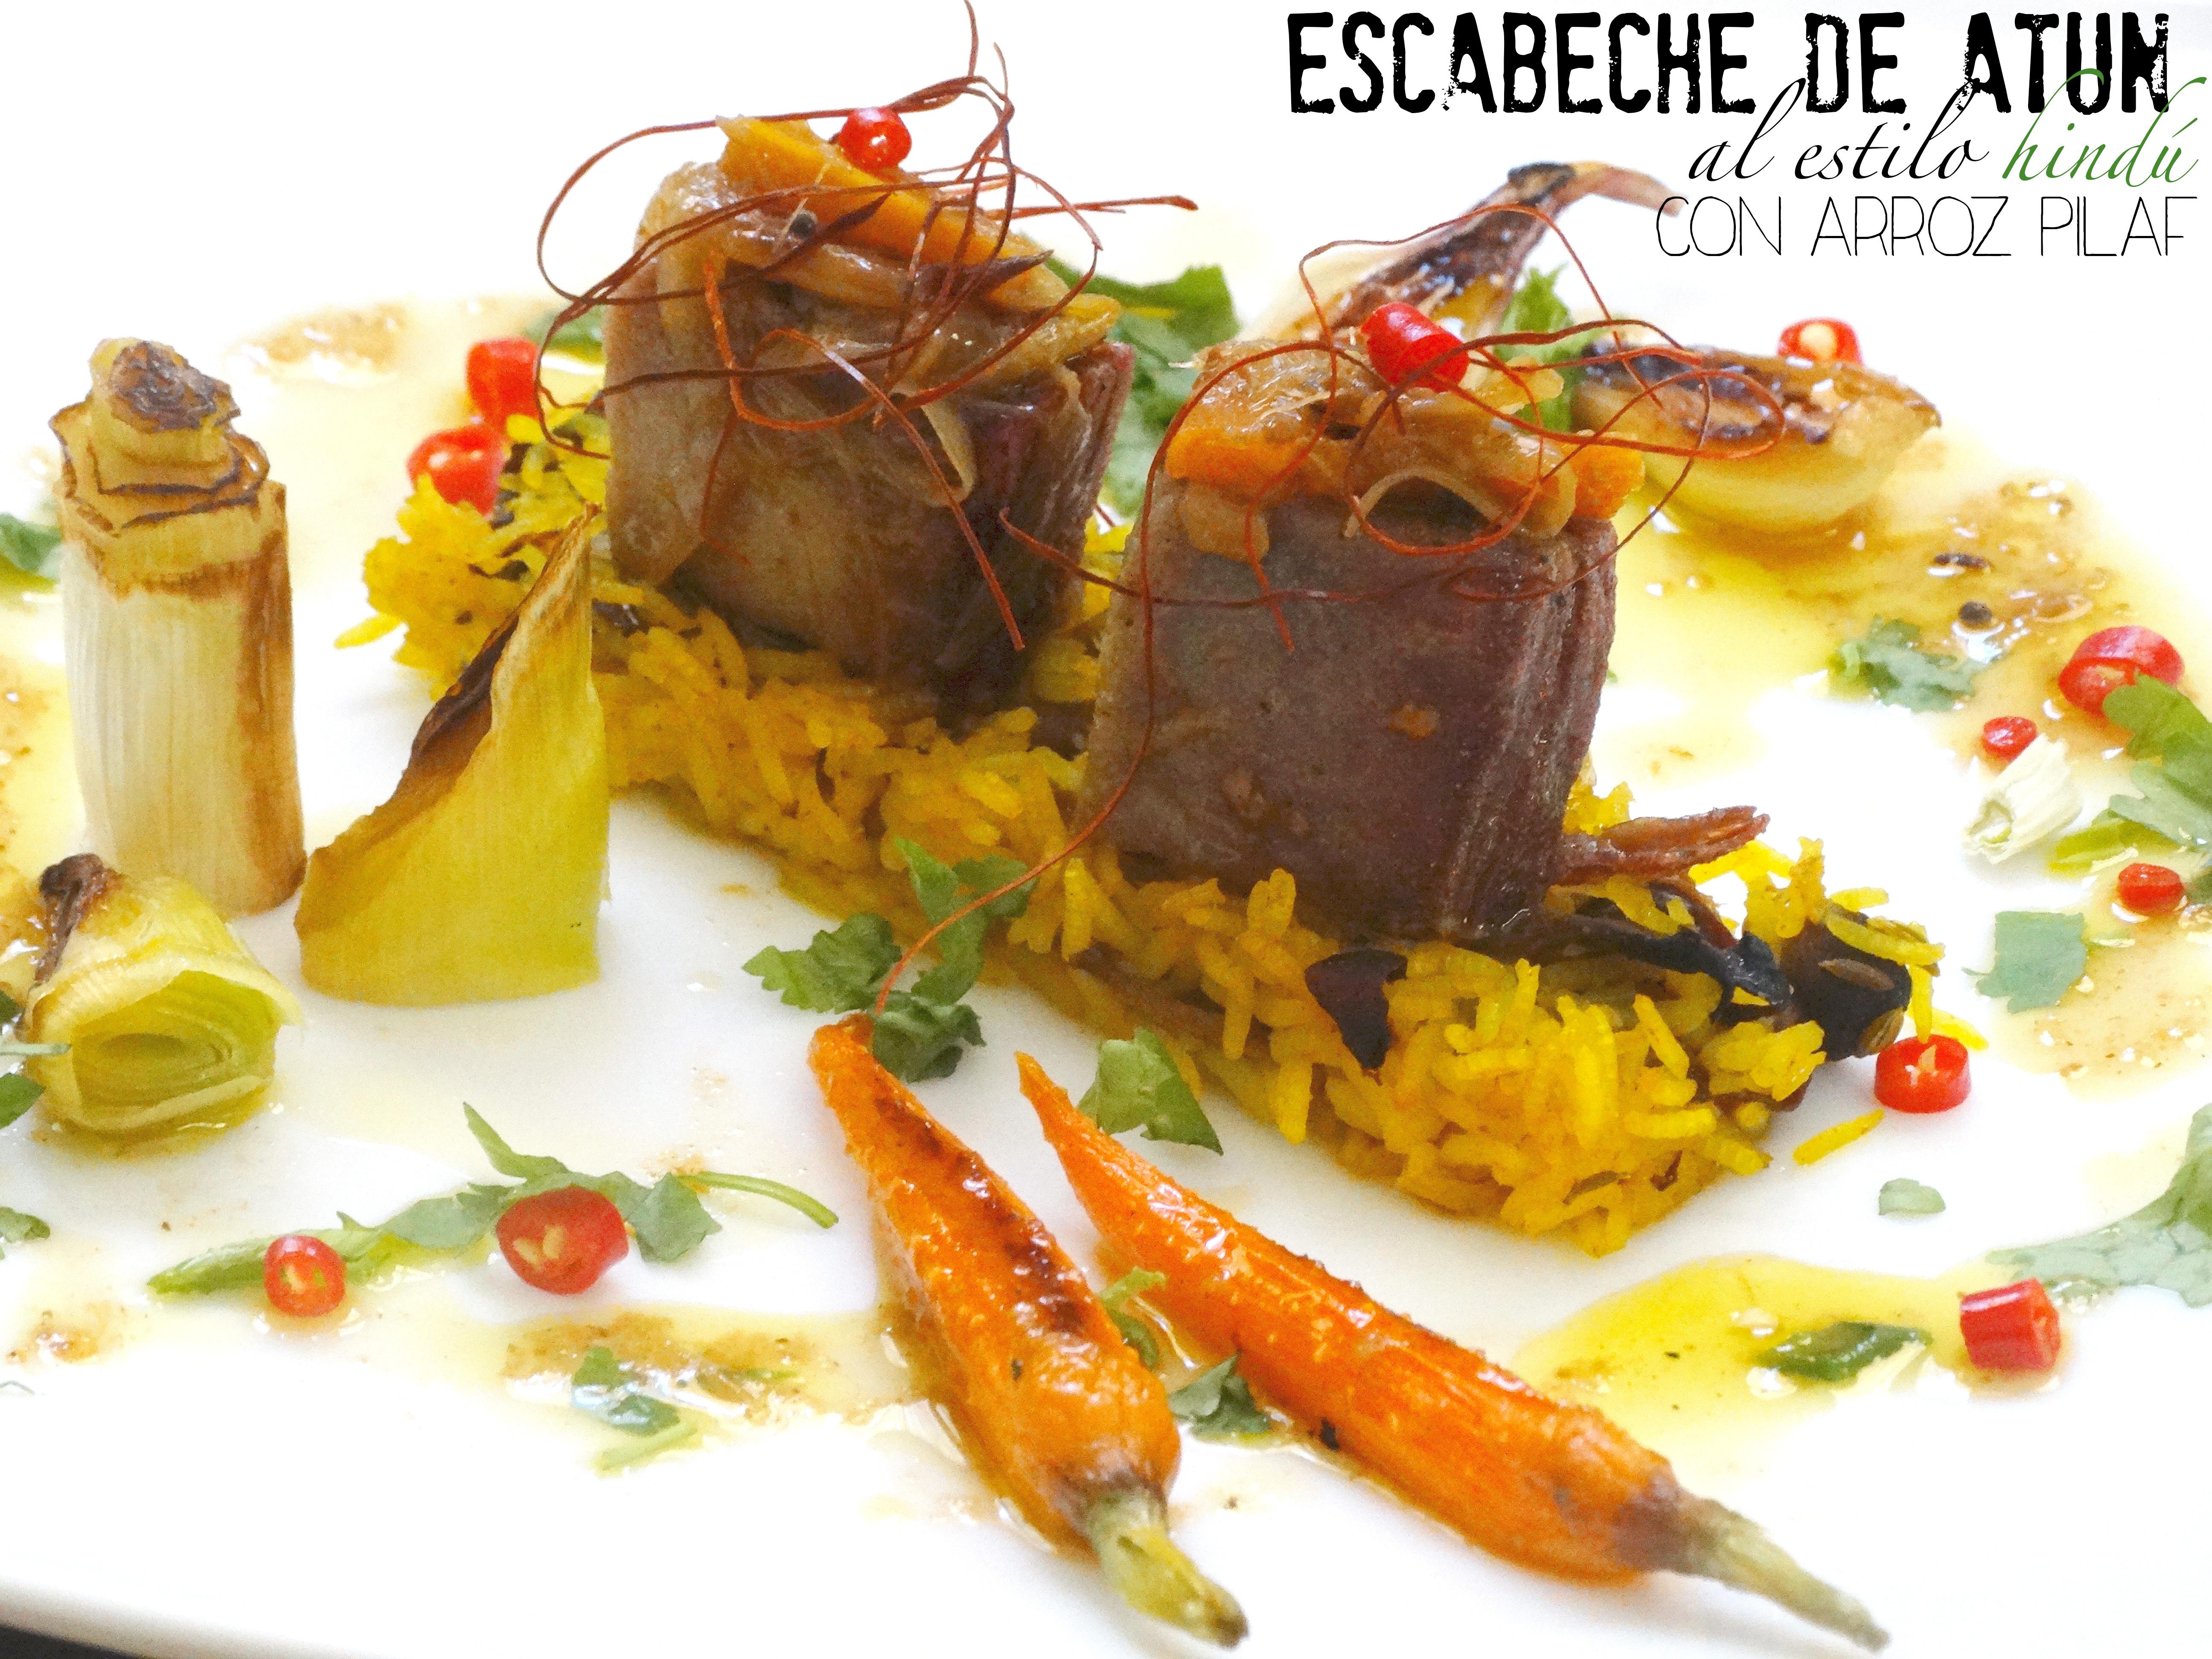 Escabeche de atún al estilo hindú con arroz pilaf